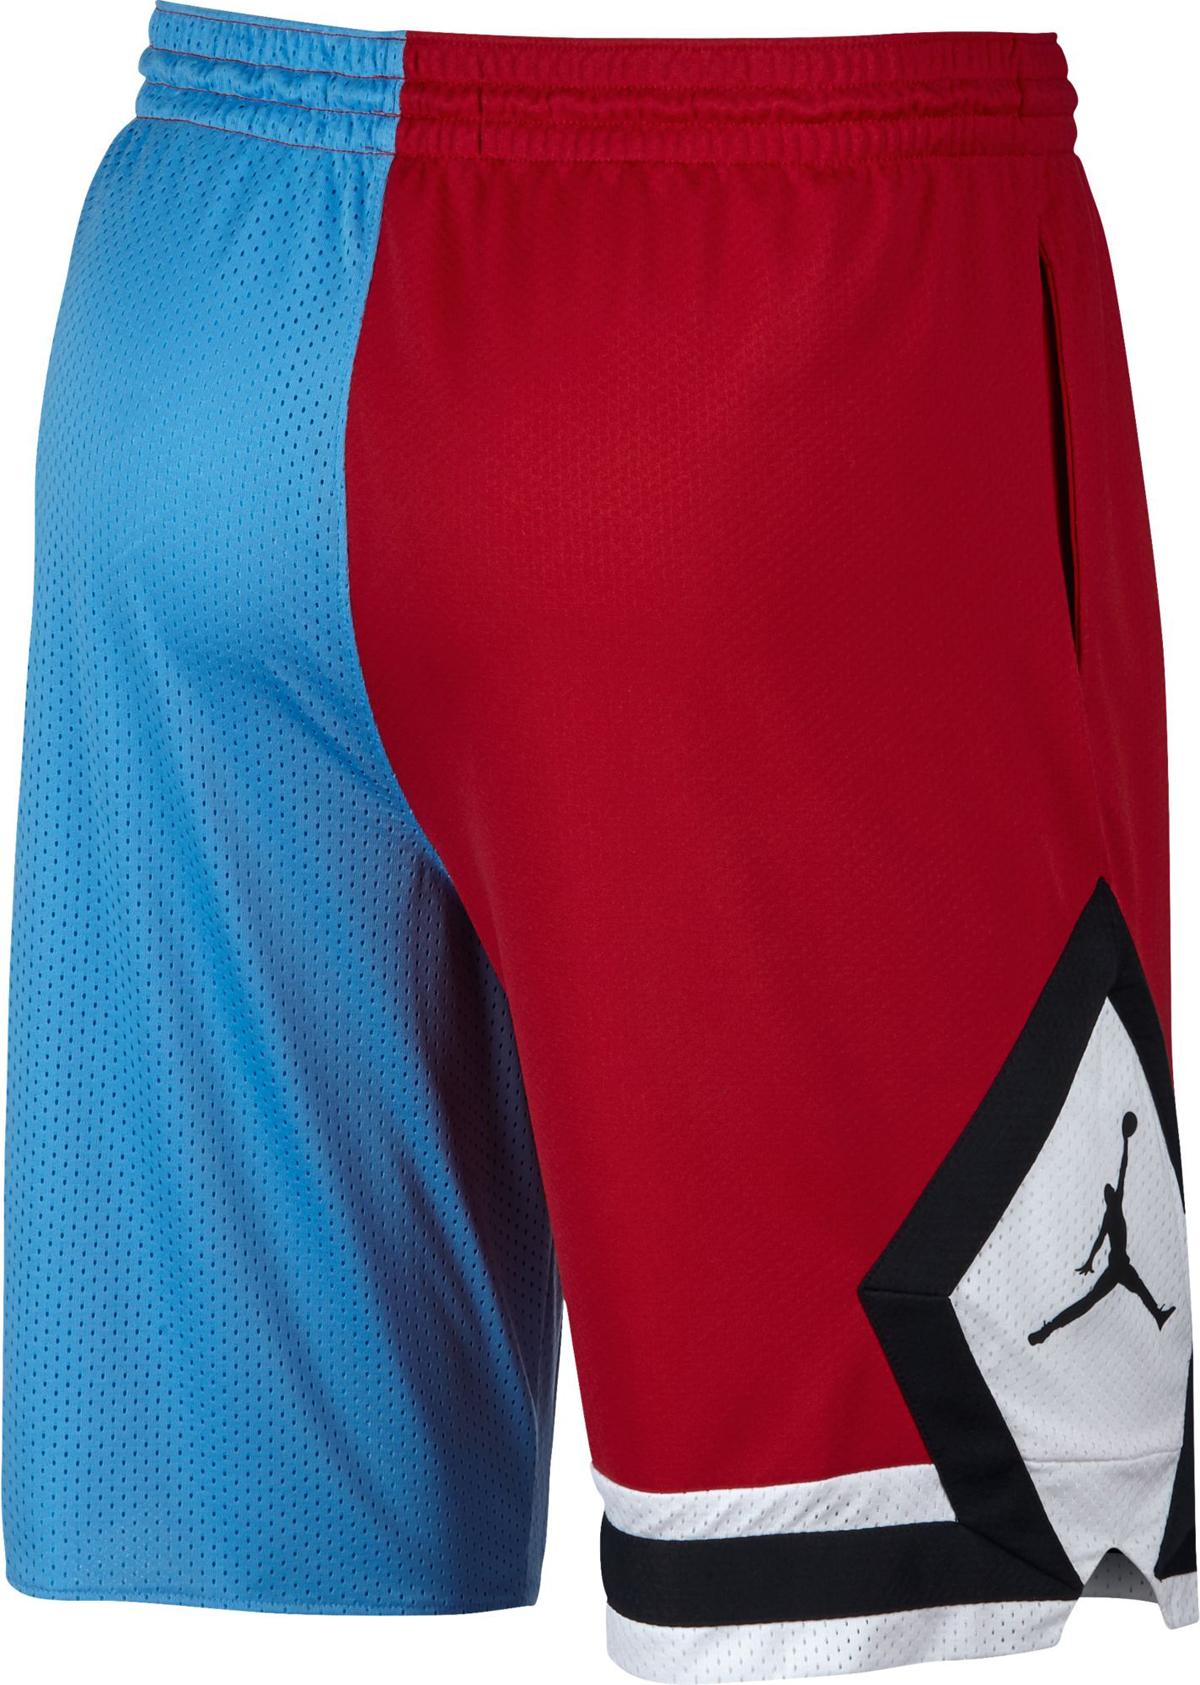 9840581183fa Jordan-DNA-UNC-Bulls-Shorts-2 - WearTesters